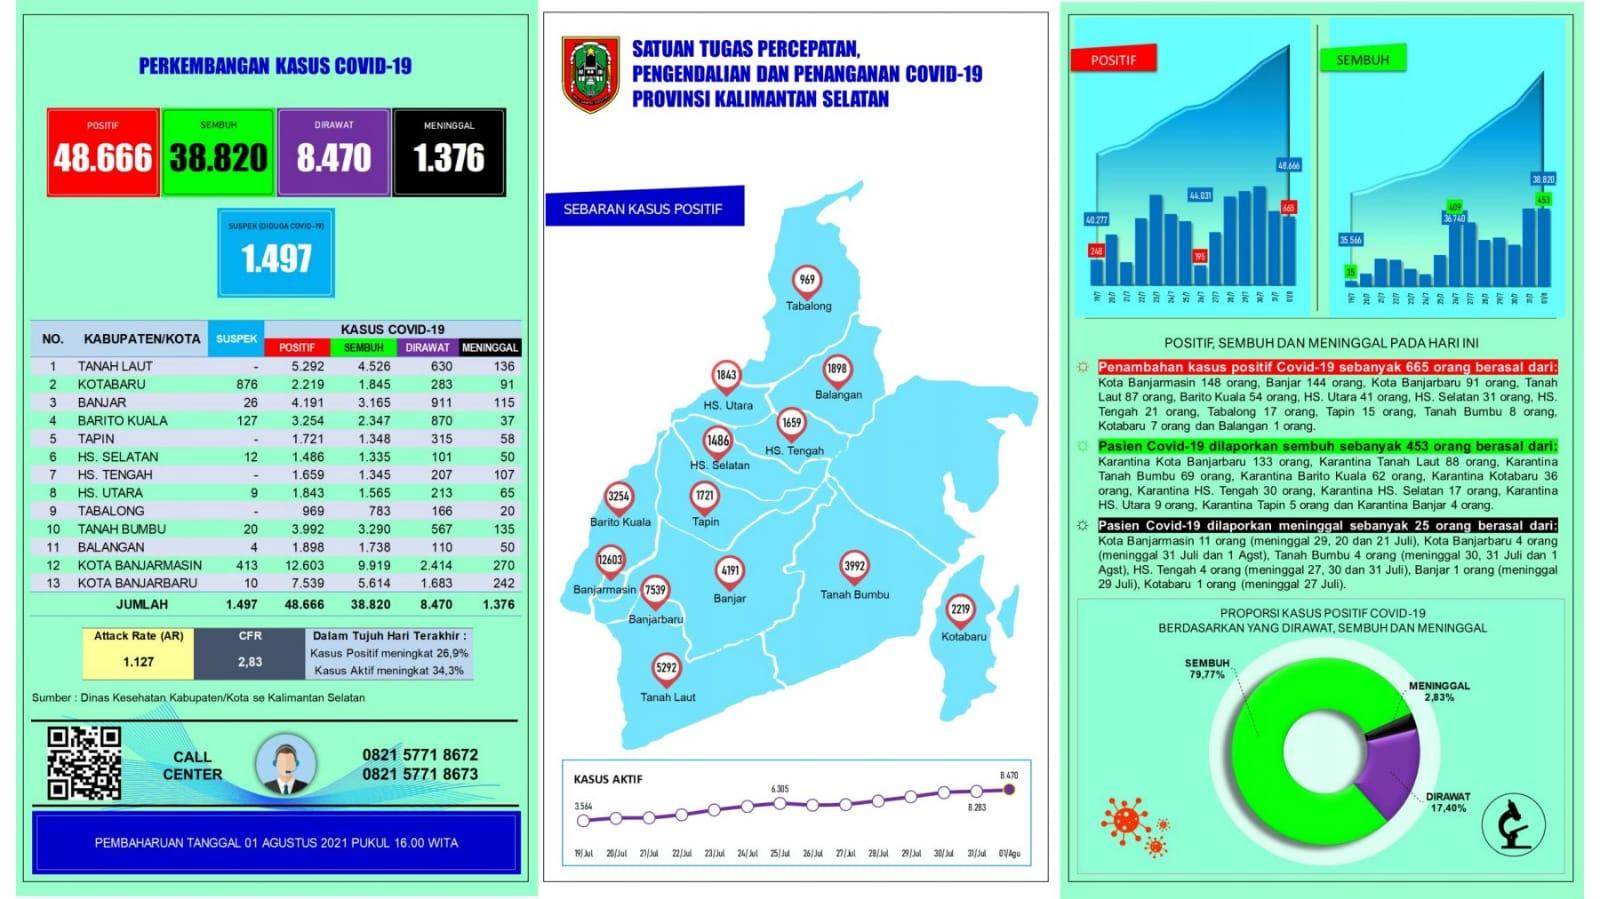 Informasi Terbaru Covid 19 di Kalimantan Selatan Minggu 1 Agustus 2021